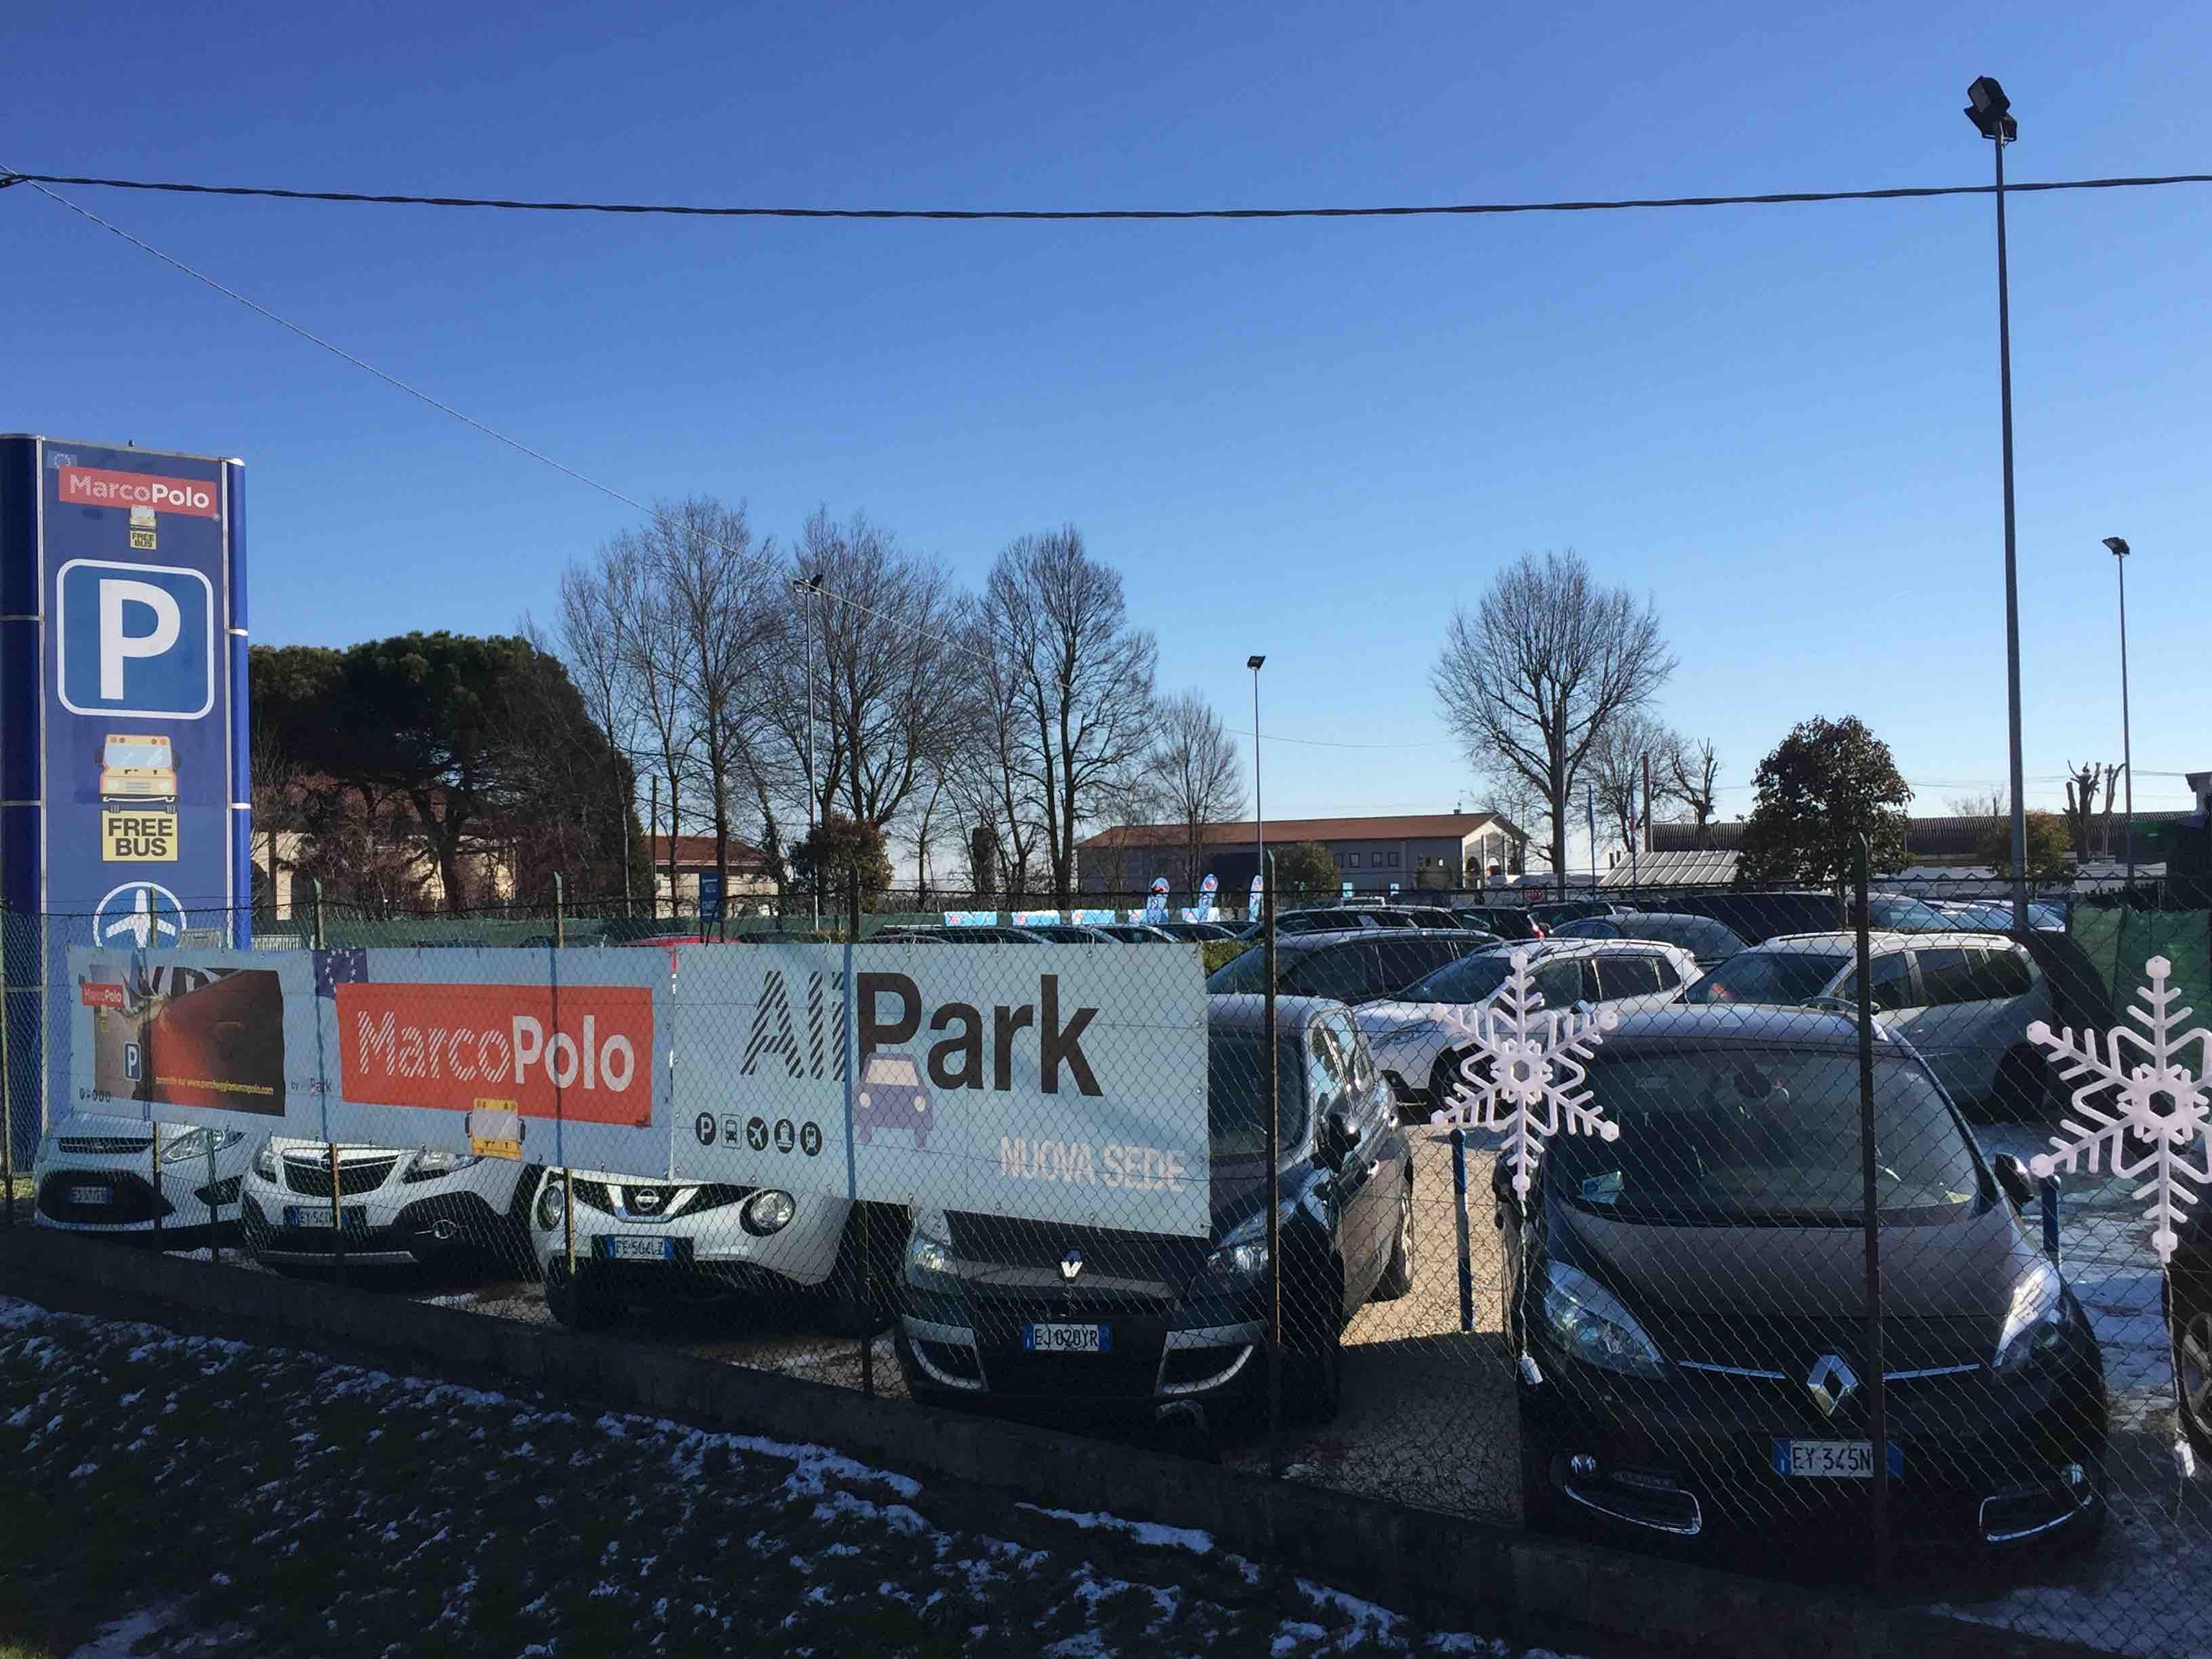 ALIPARK MarcoPolo - Piazzale Roma